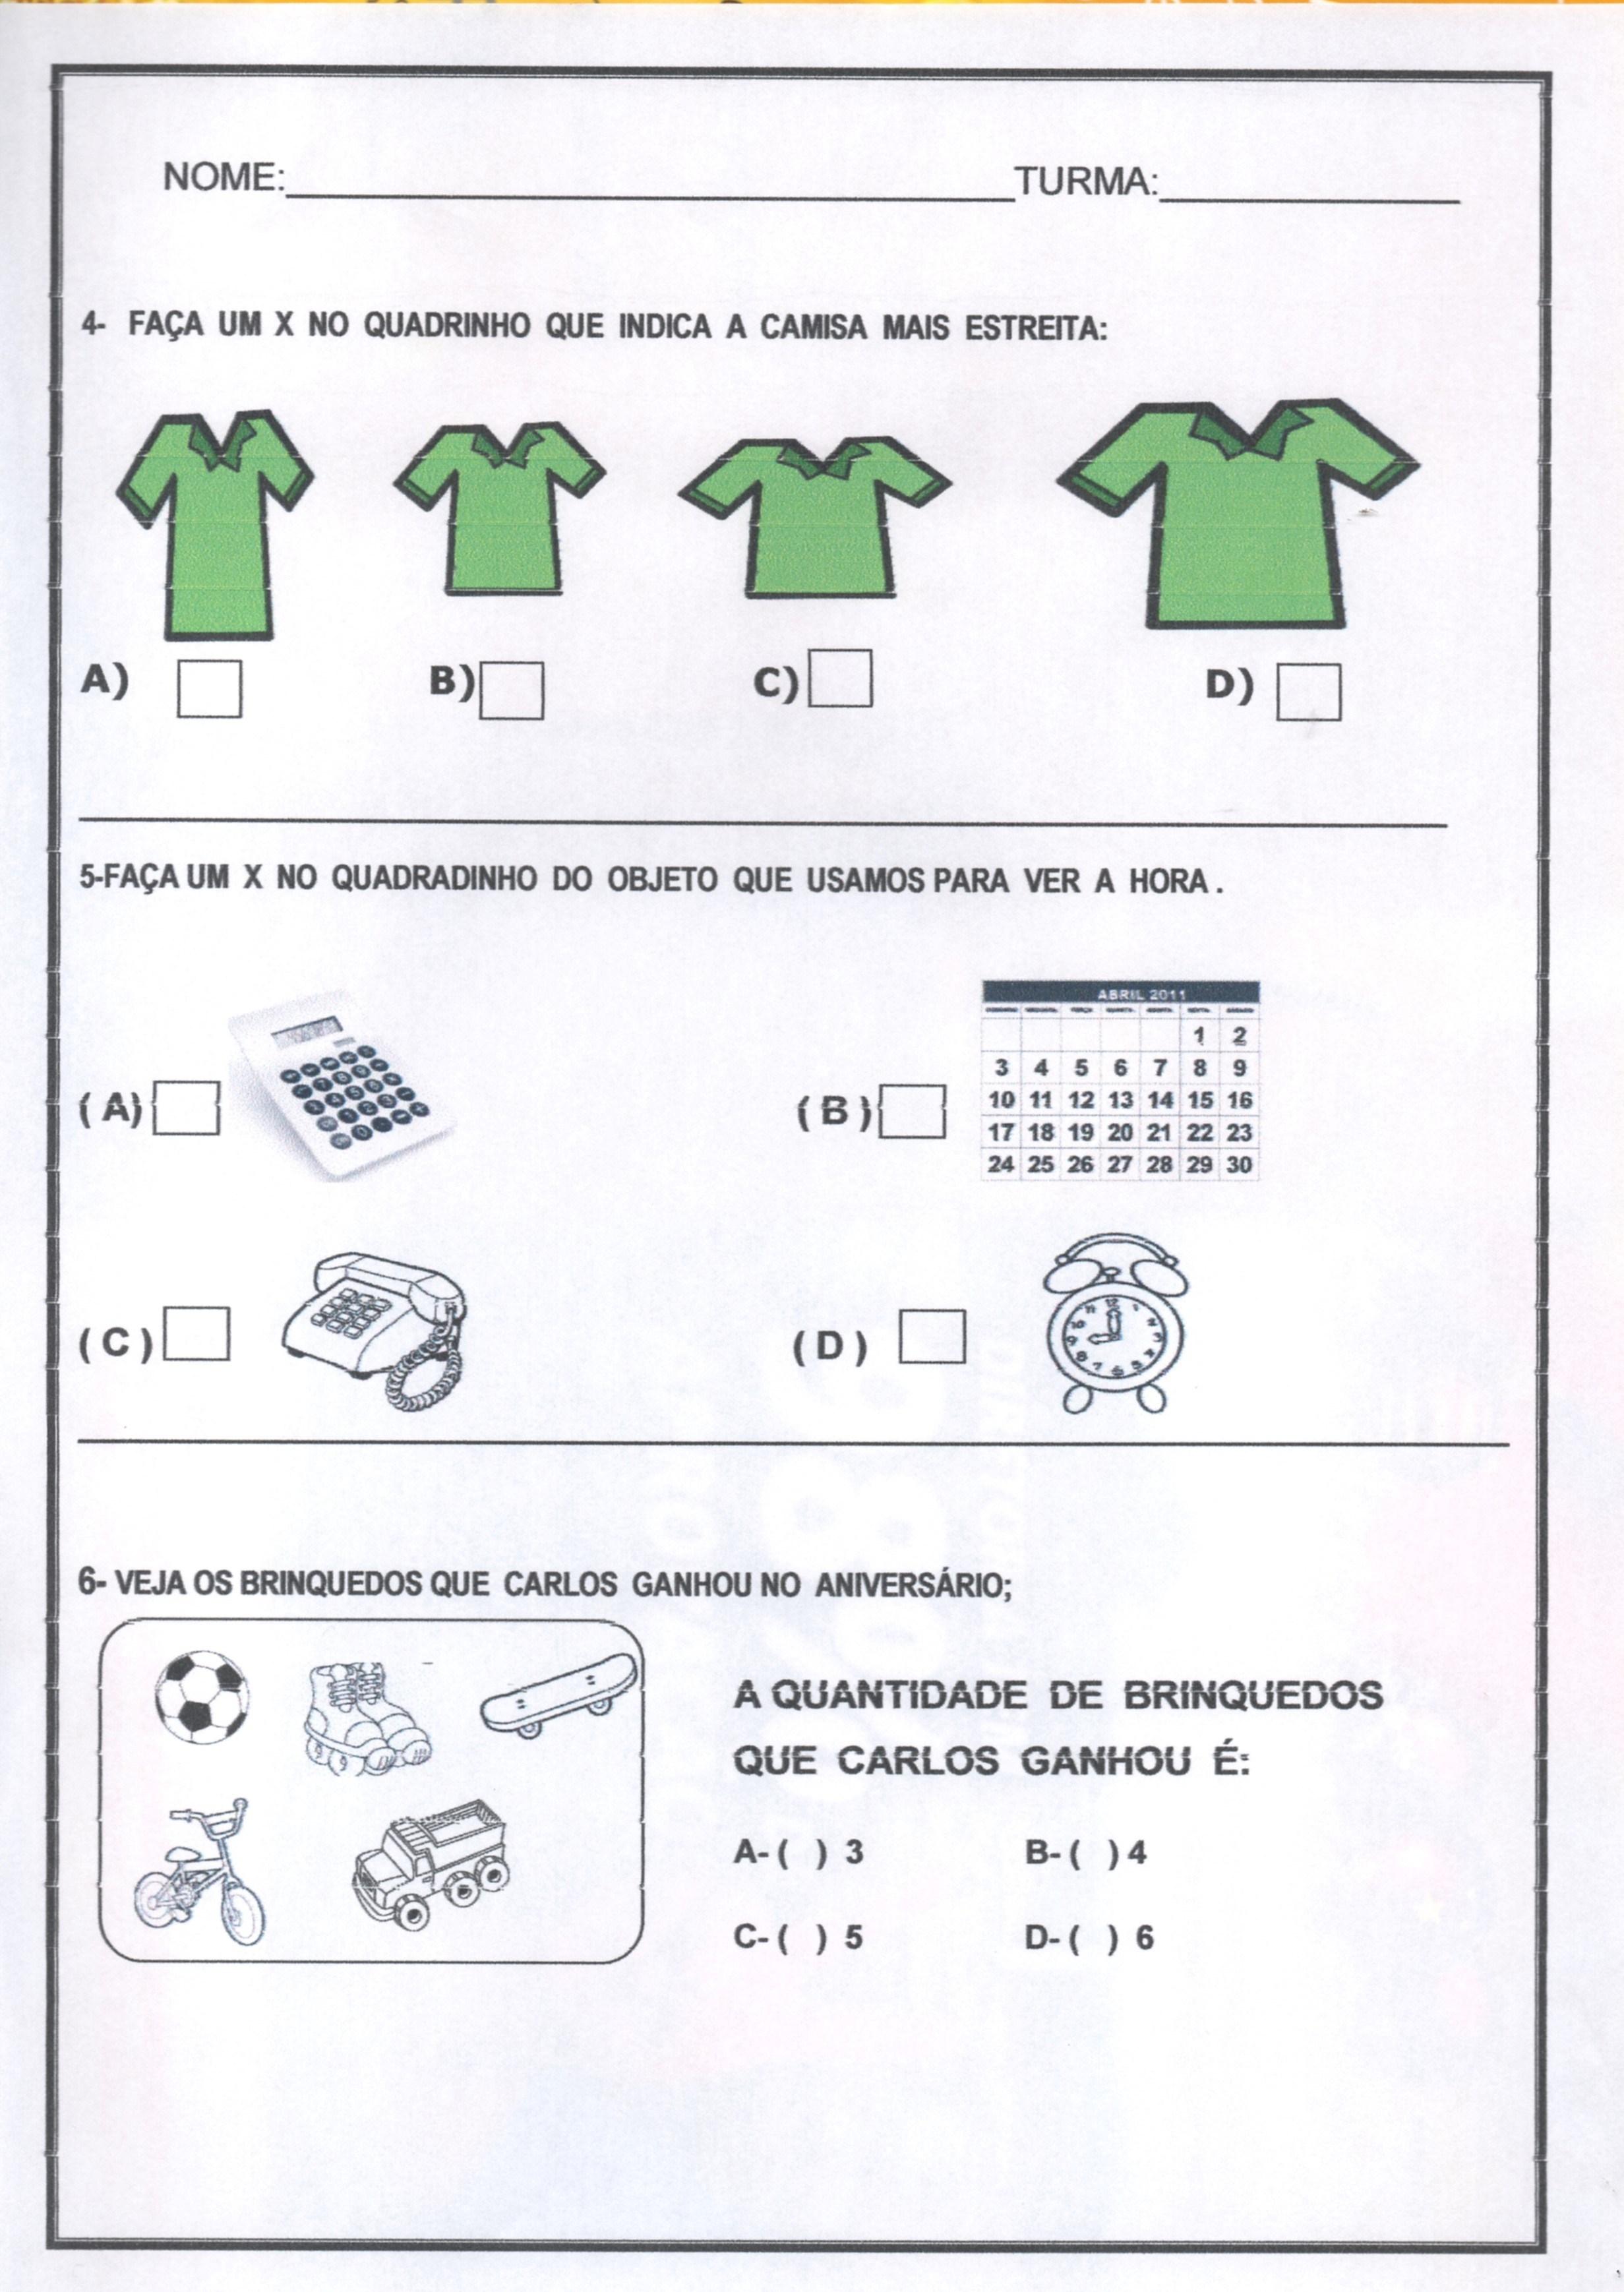 Avaliação diagnóstica 1 ano de Português e Matemática